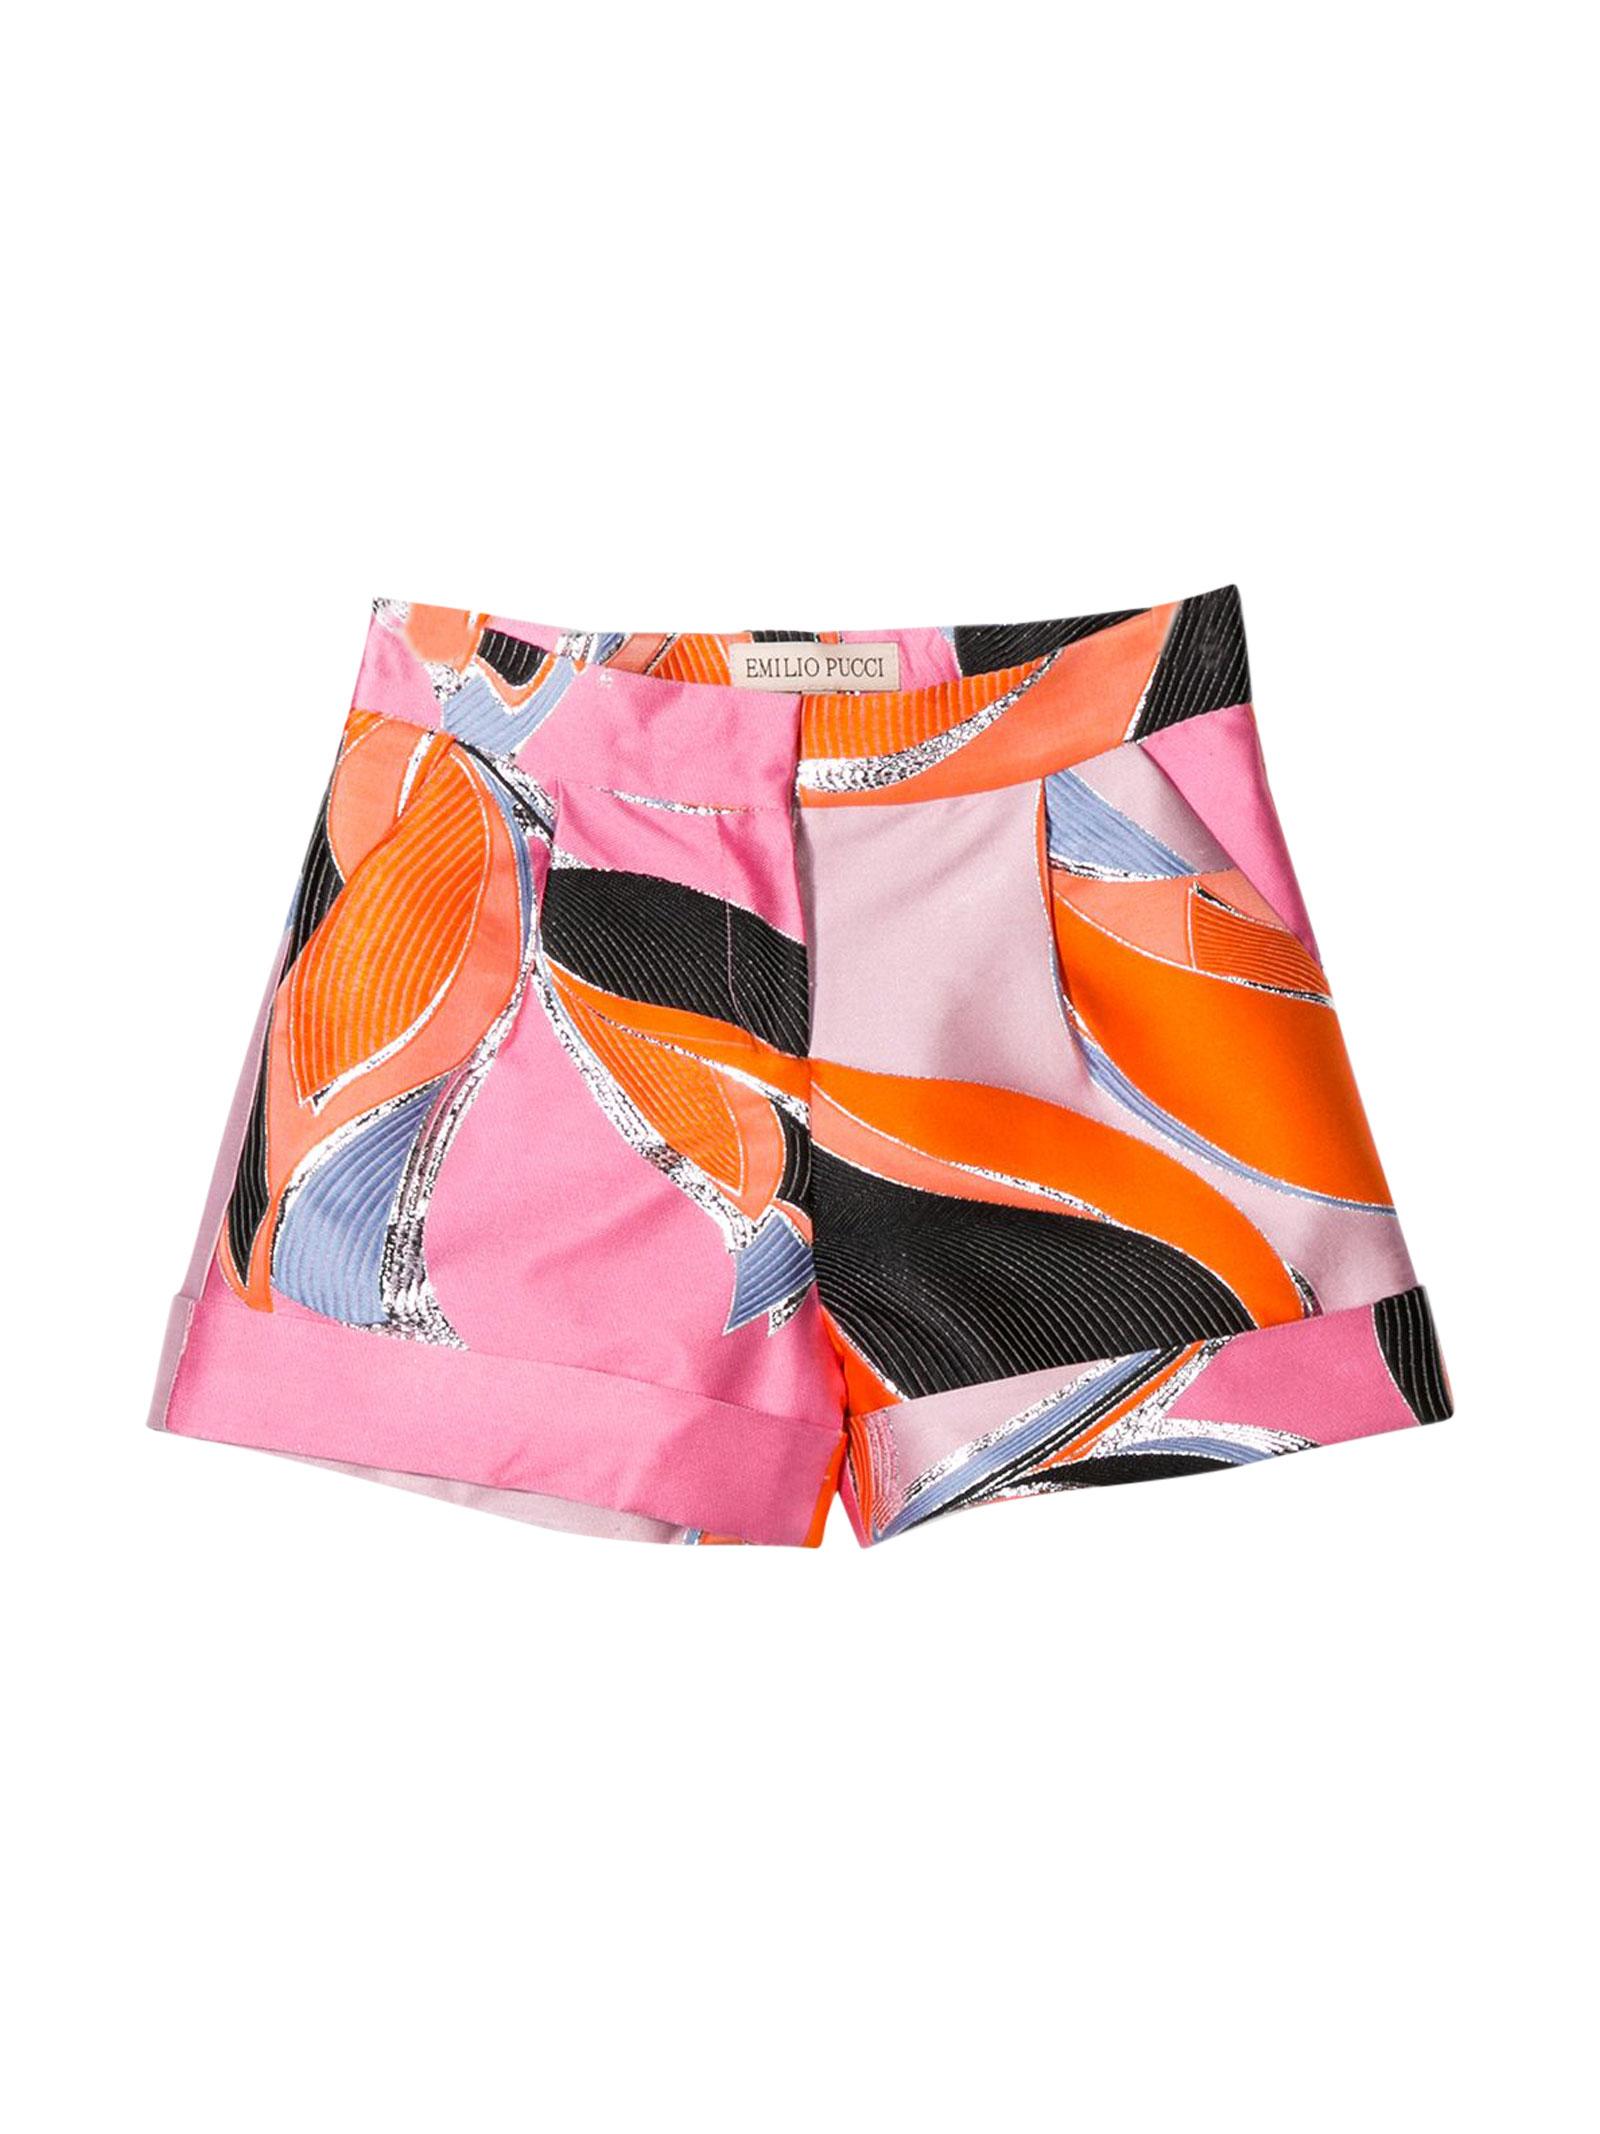 Multicolor shorts Emilio Pucci Junior EMILIO PUCCI JUNIOR | 30 | 9M6009MD840415